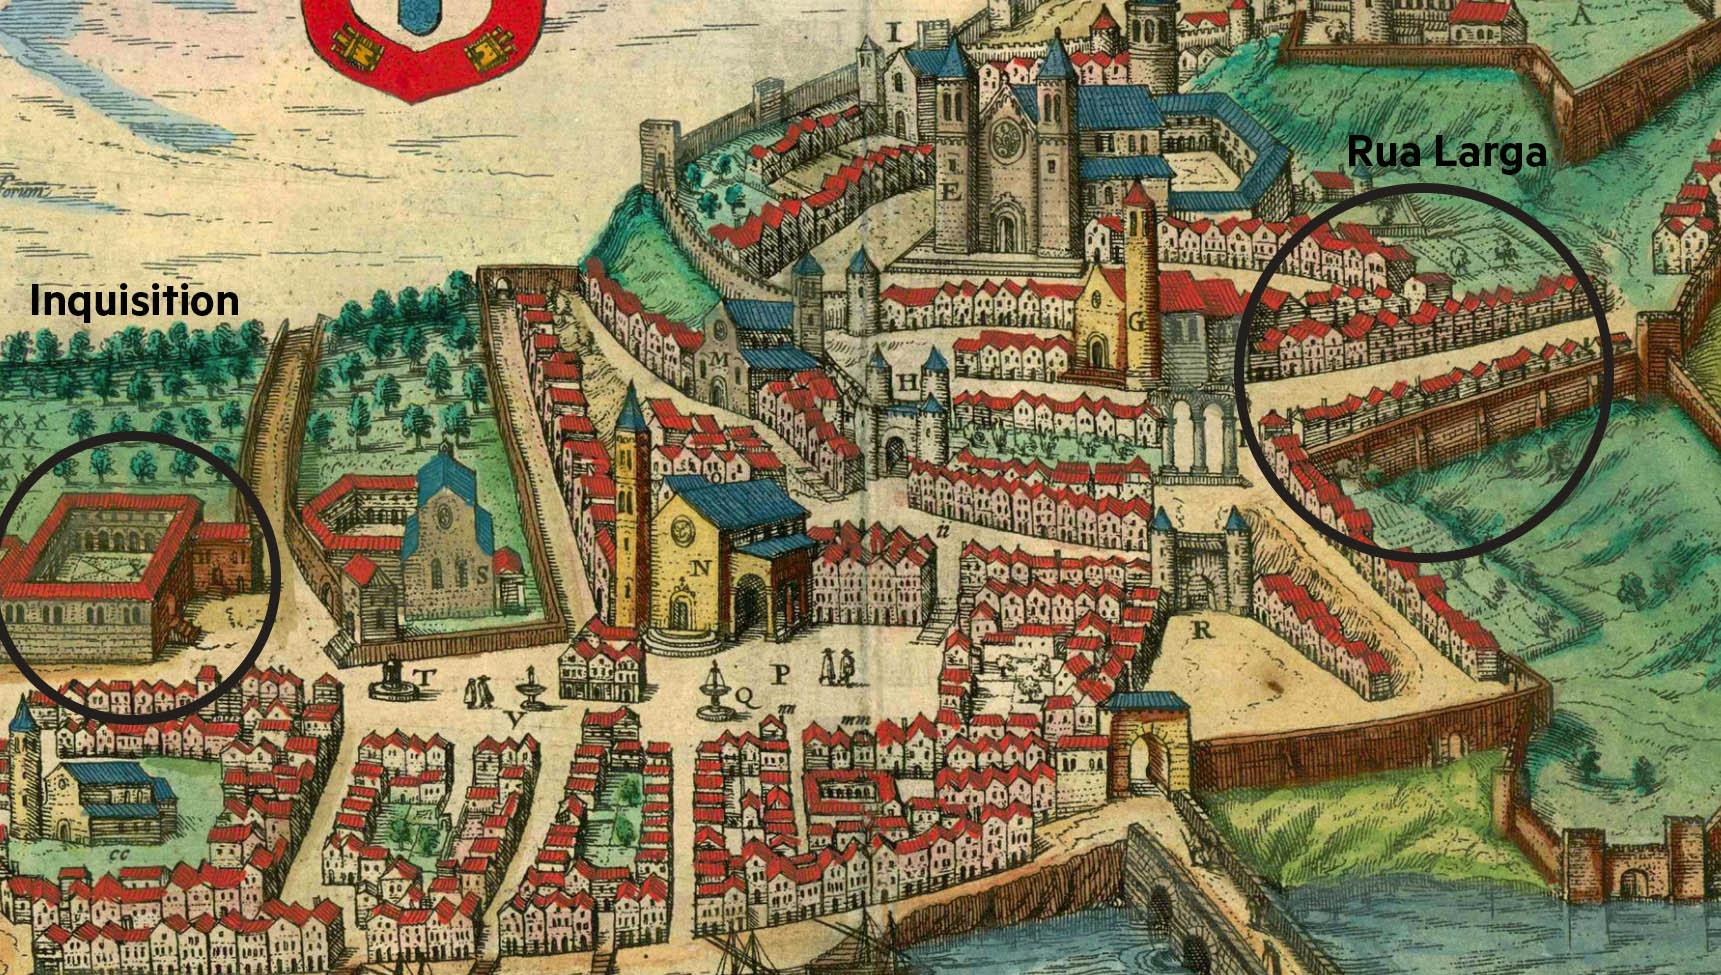 """Credit: Georg Braun, Civitates Orbis Terrarum, (Cologne, 1598), """"Illustris Civitati Conimbriae In Lusitania."""""""